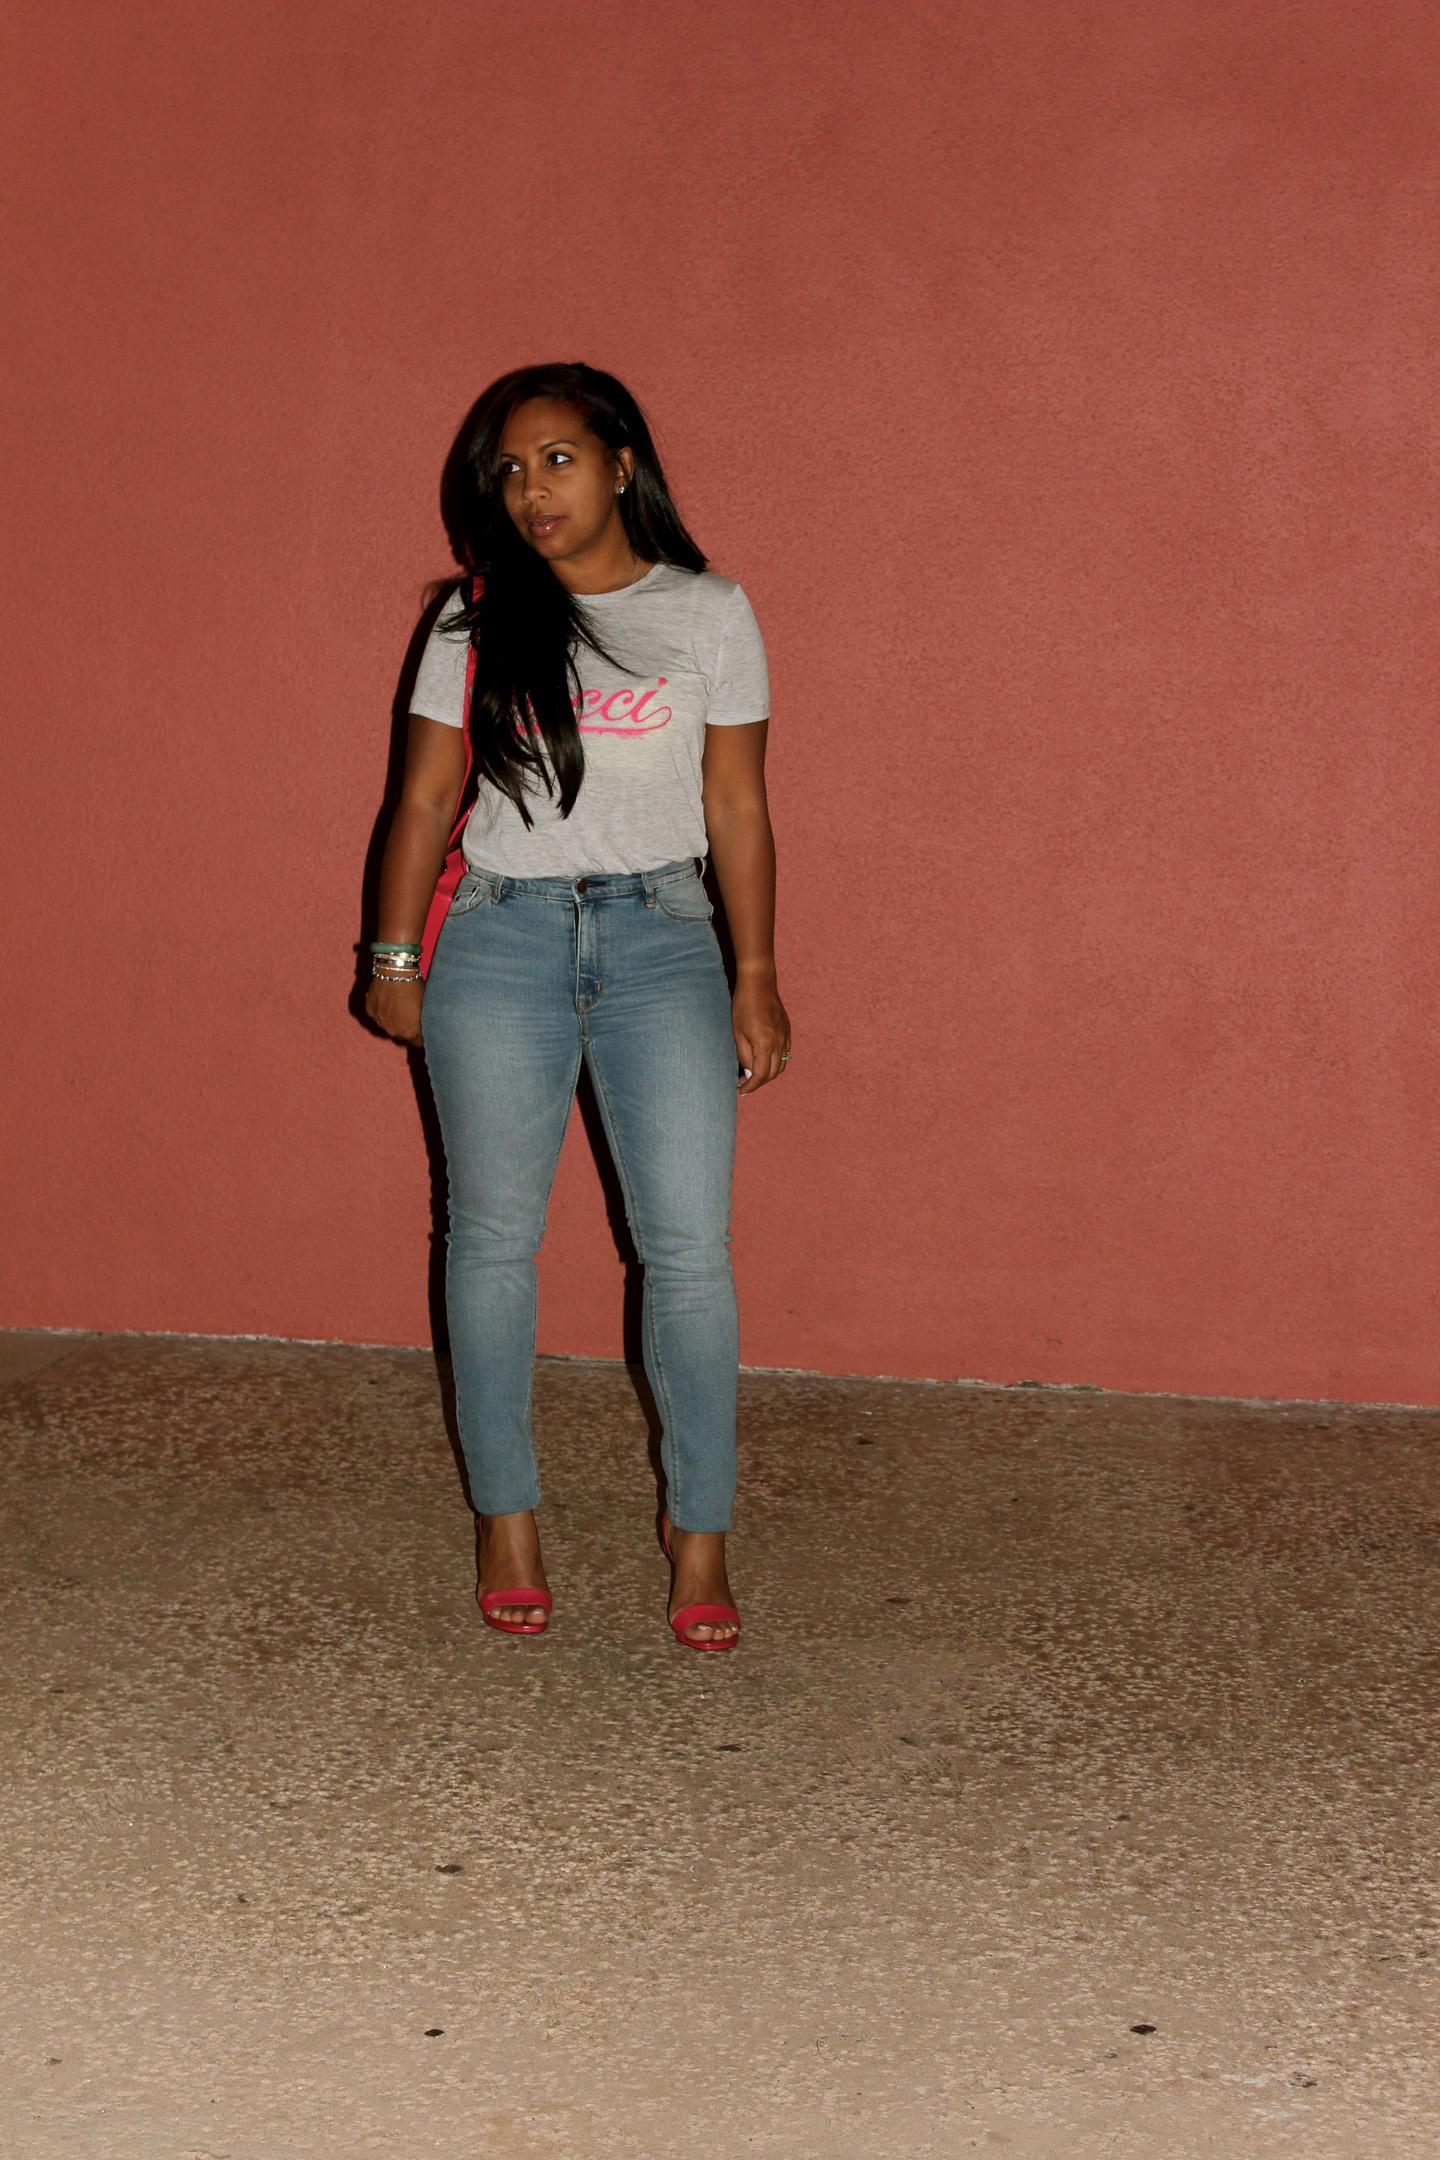 Ebony blog photos 37